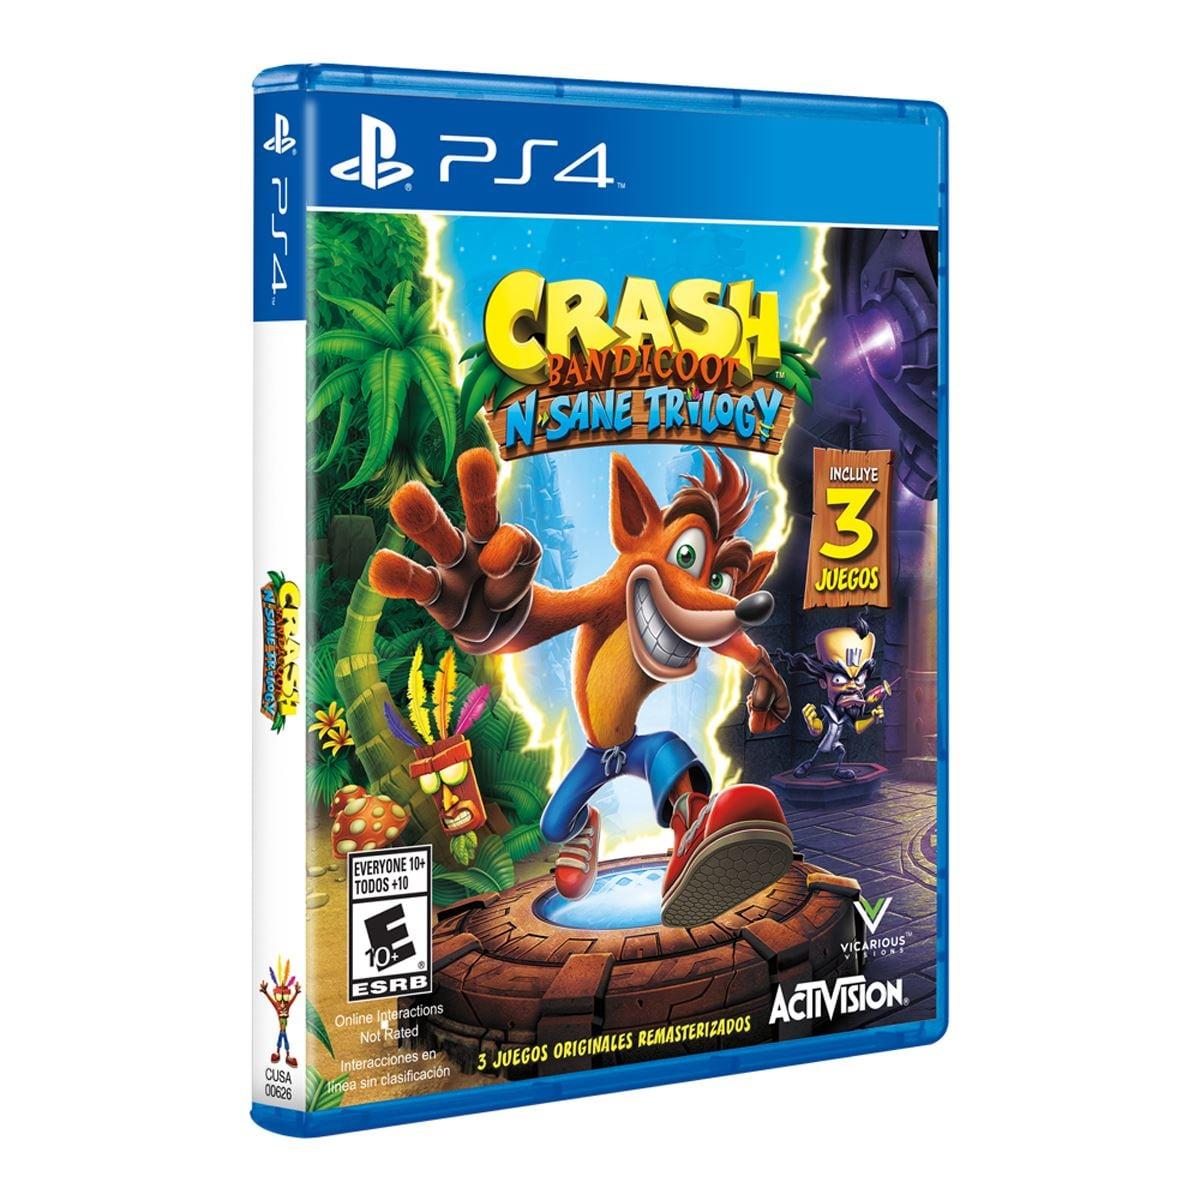 Ps4 Crash Bandicoot Trilogy